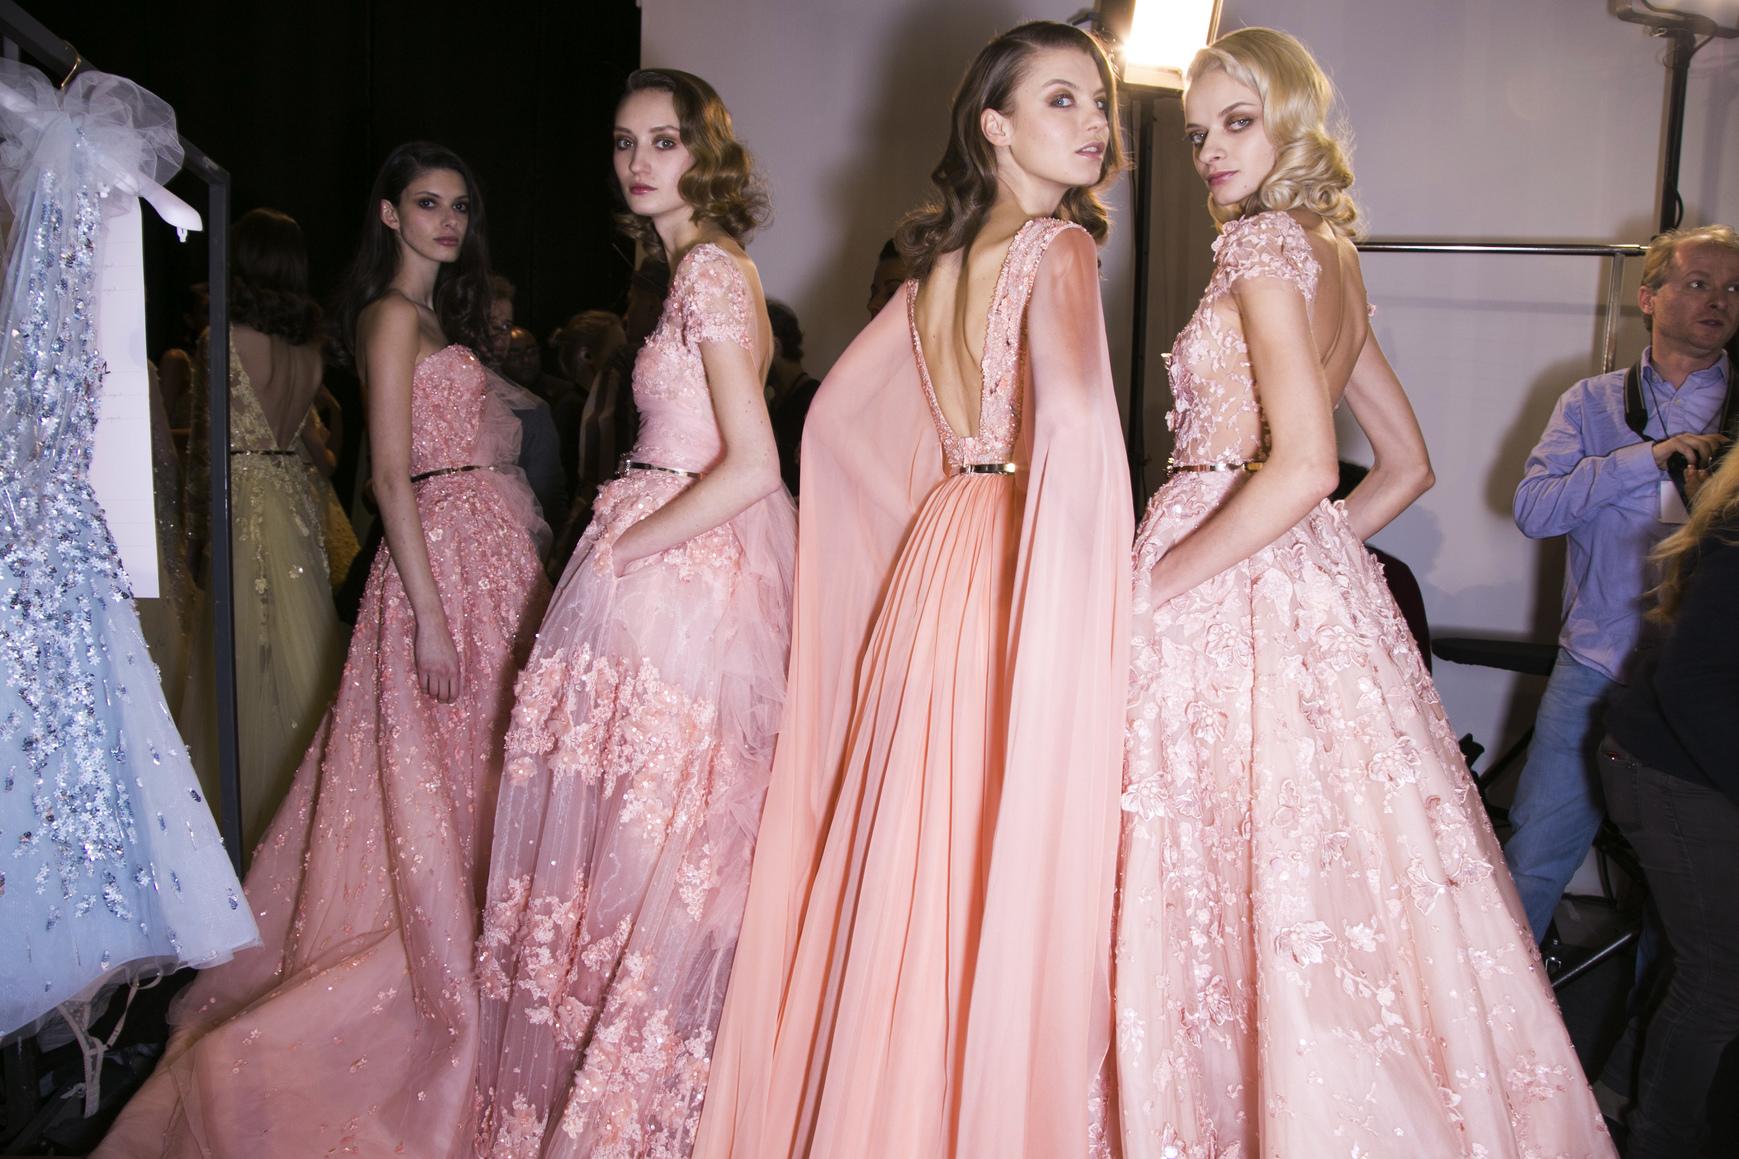 Długie suknie uchodzą za eleganckie i kobiece